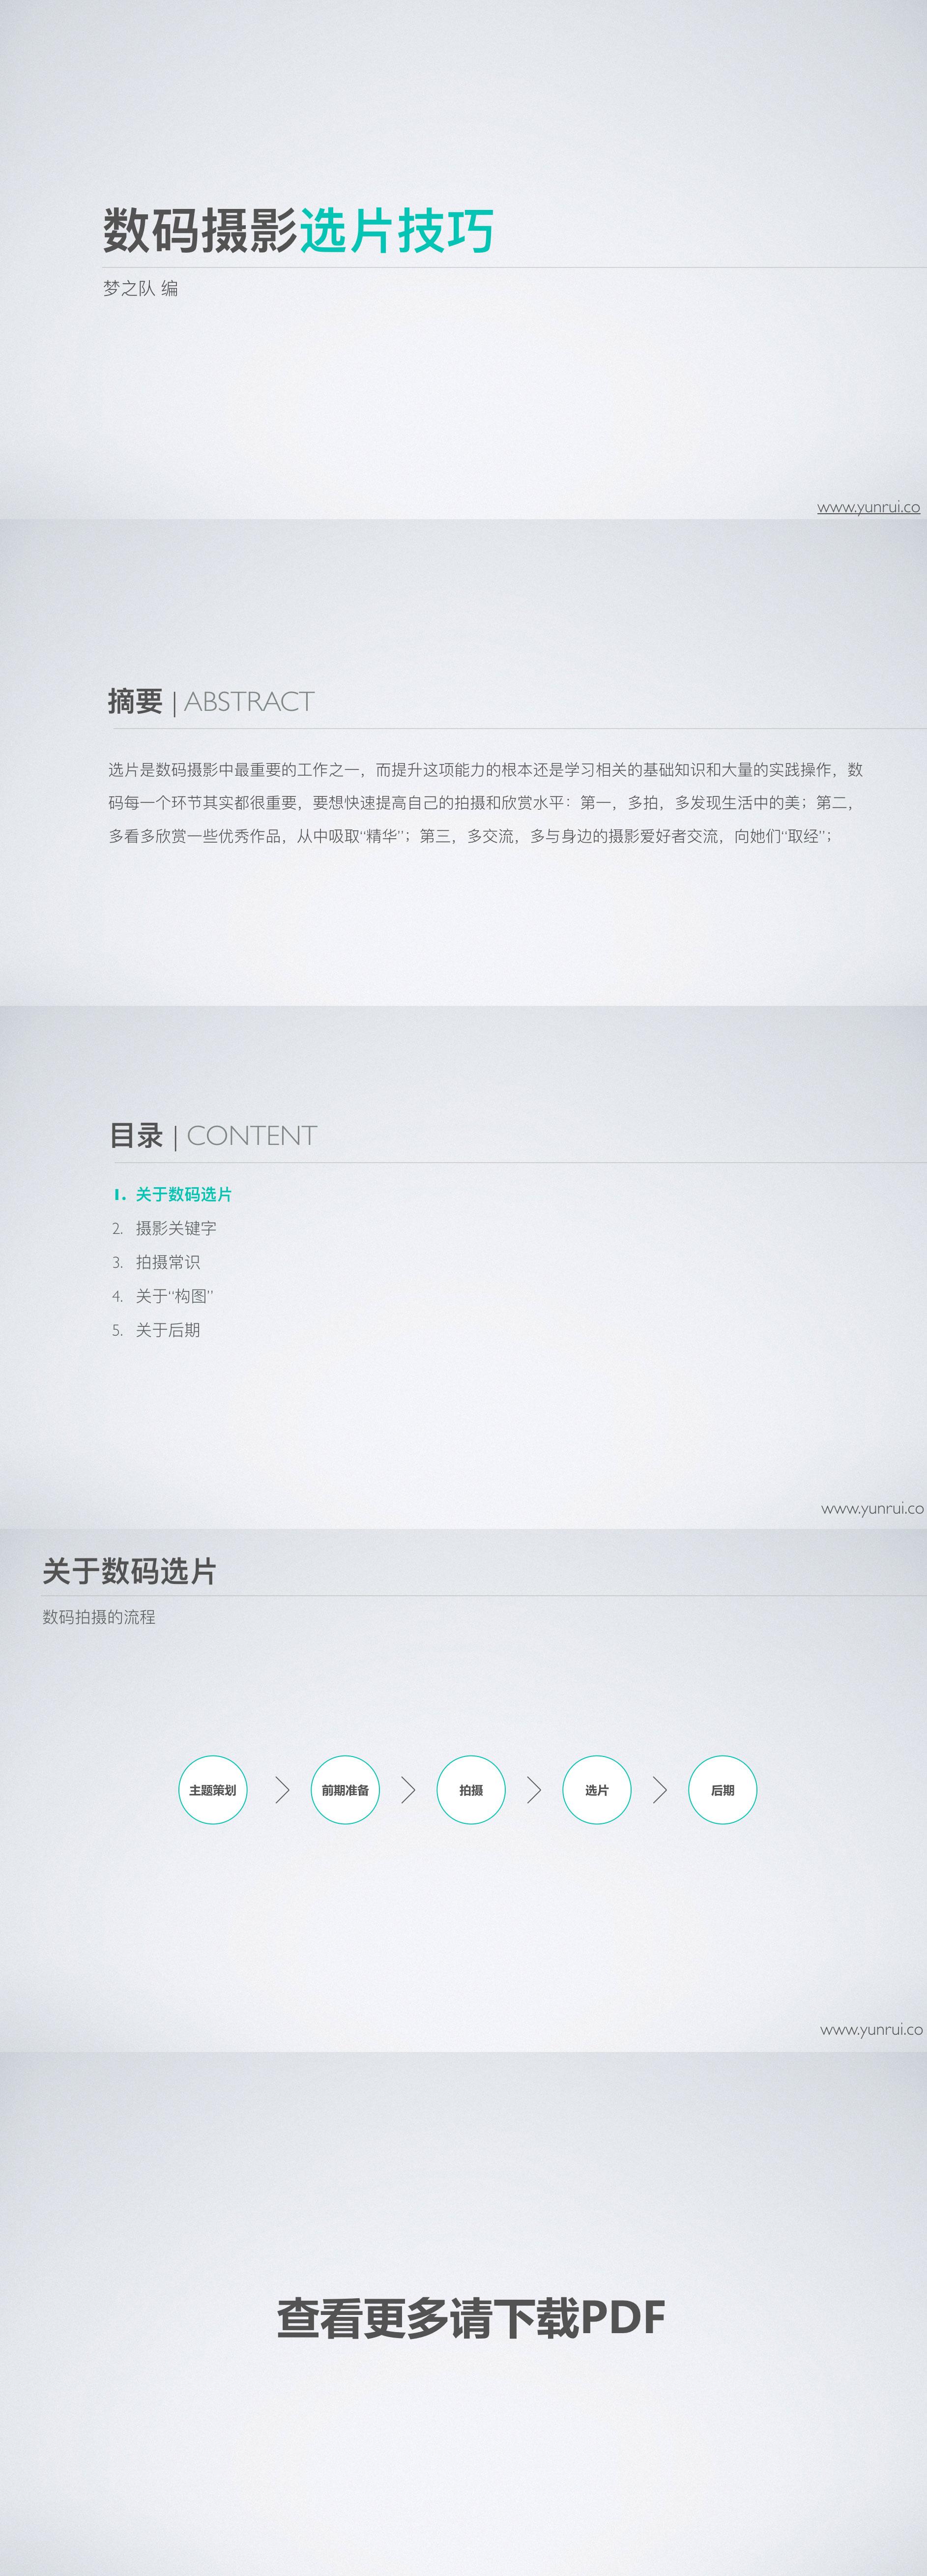 数码选片技巧PDF下载[云瑞原创]